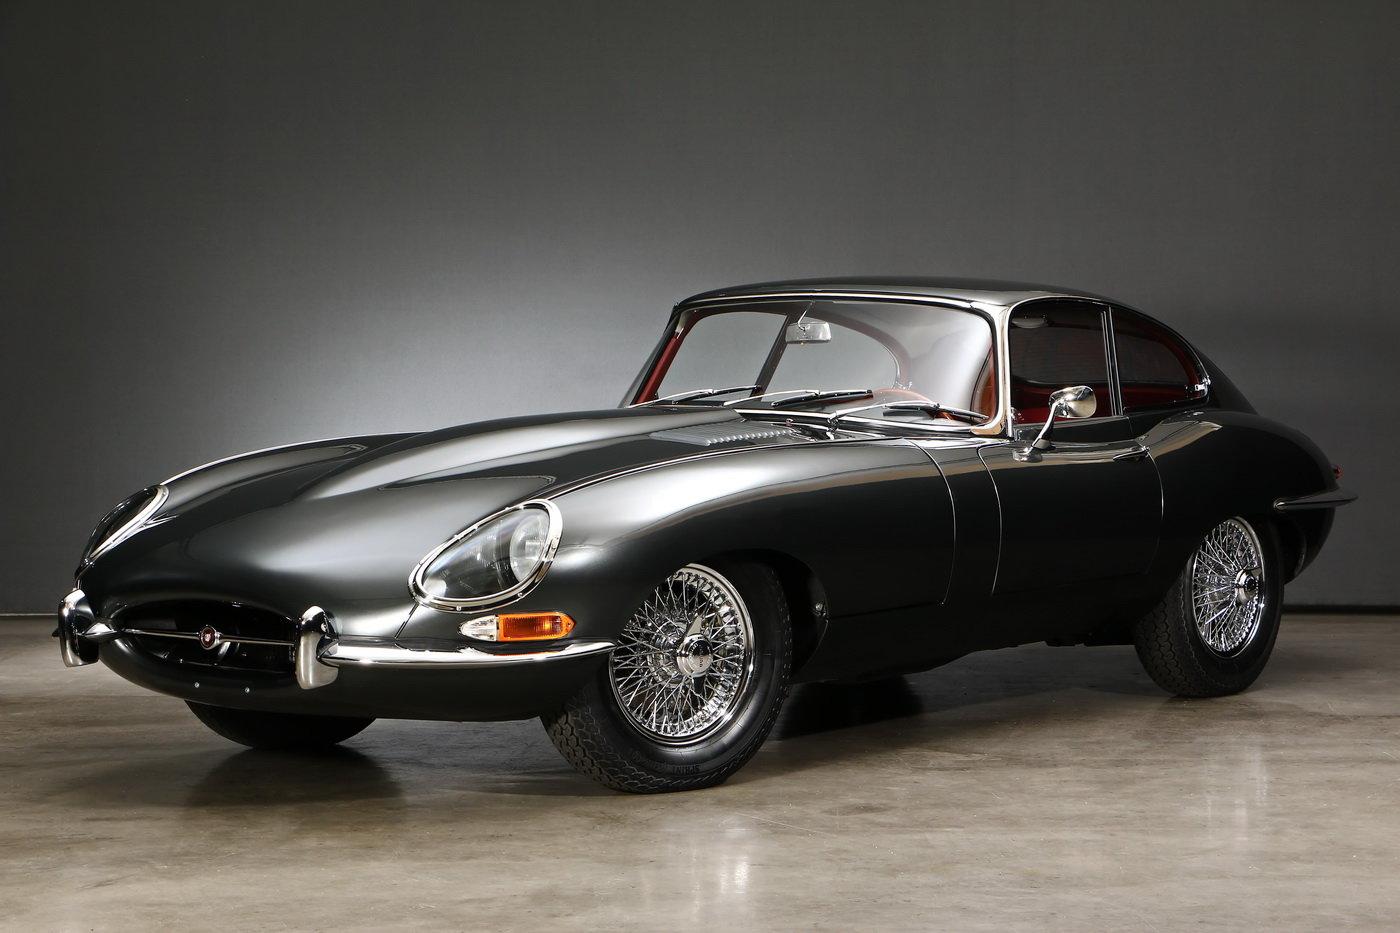 1963 Jaguar E-Type 1. series 3.8 ltr Coupé For Sale (picture 1 of 6)